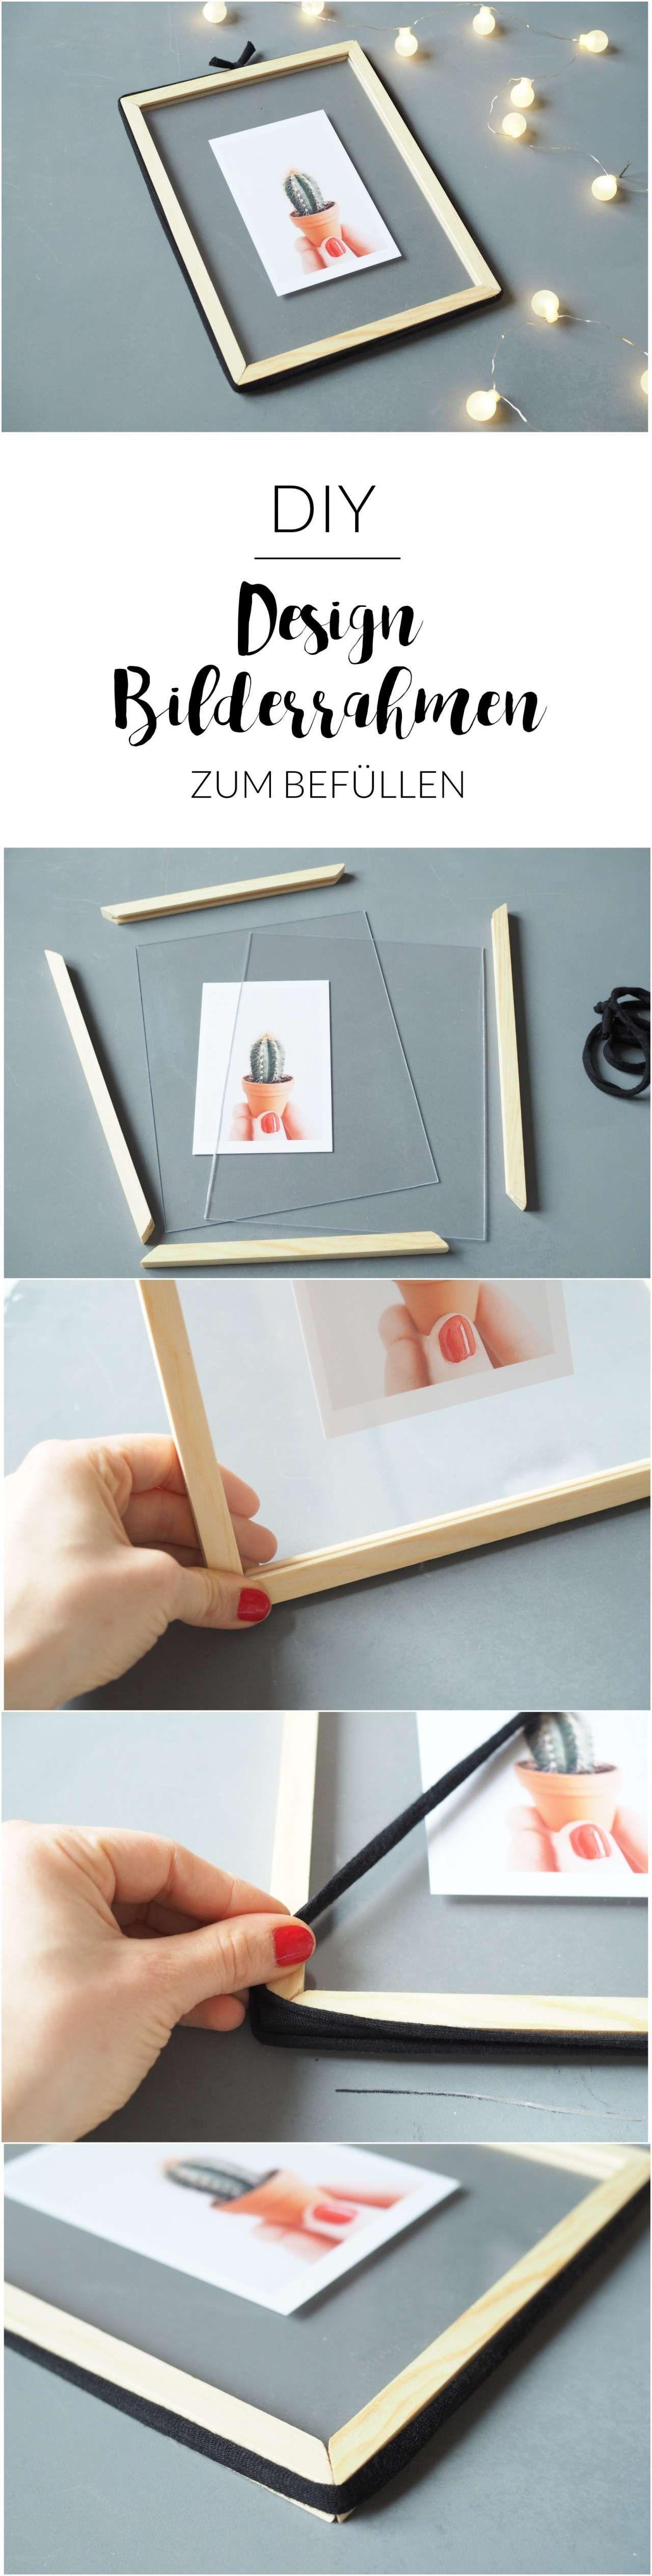 DIY-Design Bilderrahmen zum Befüllen | Bilderrahmen, Günstig und ...